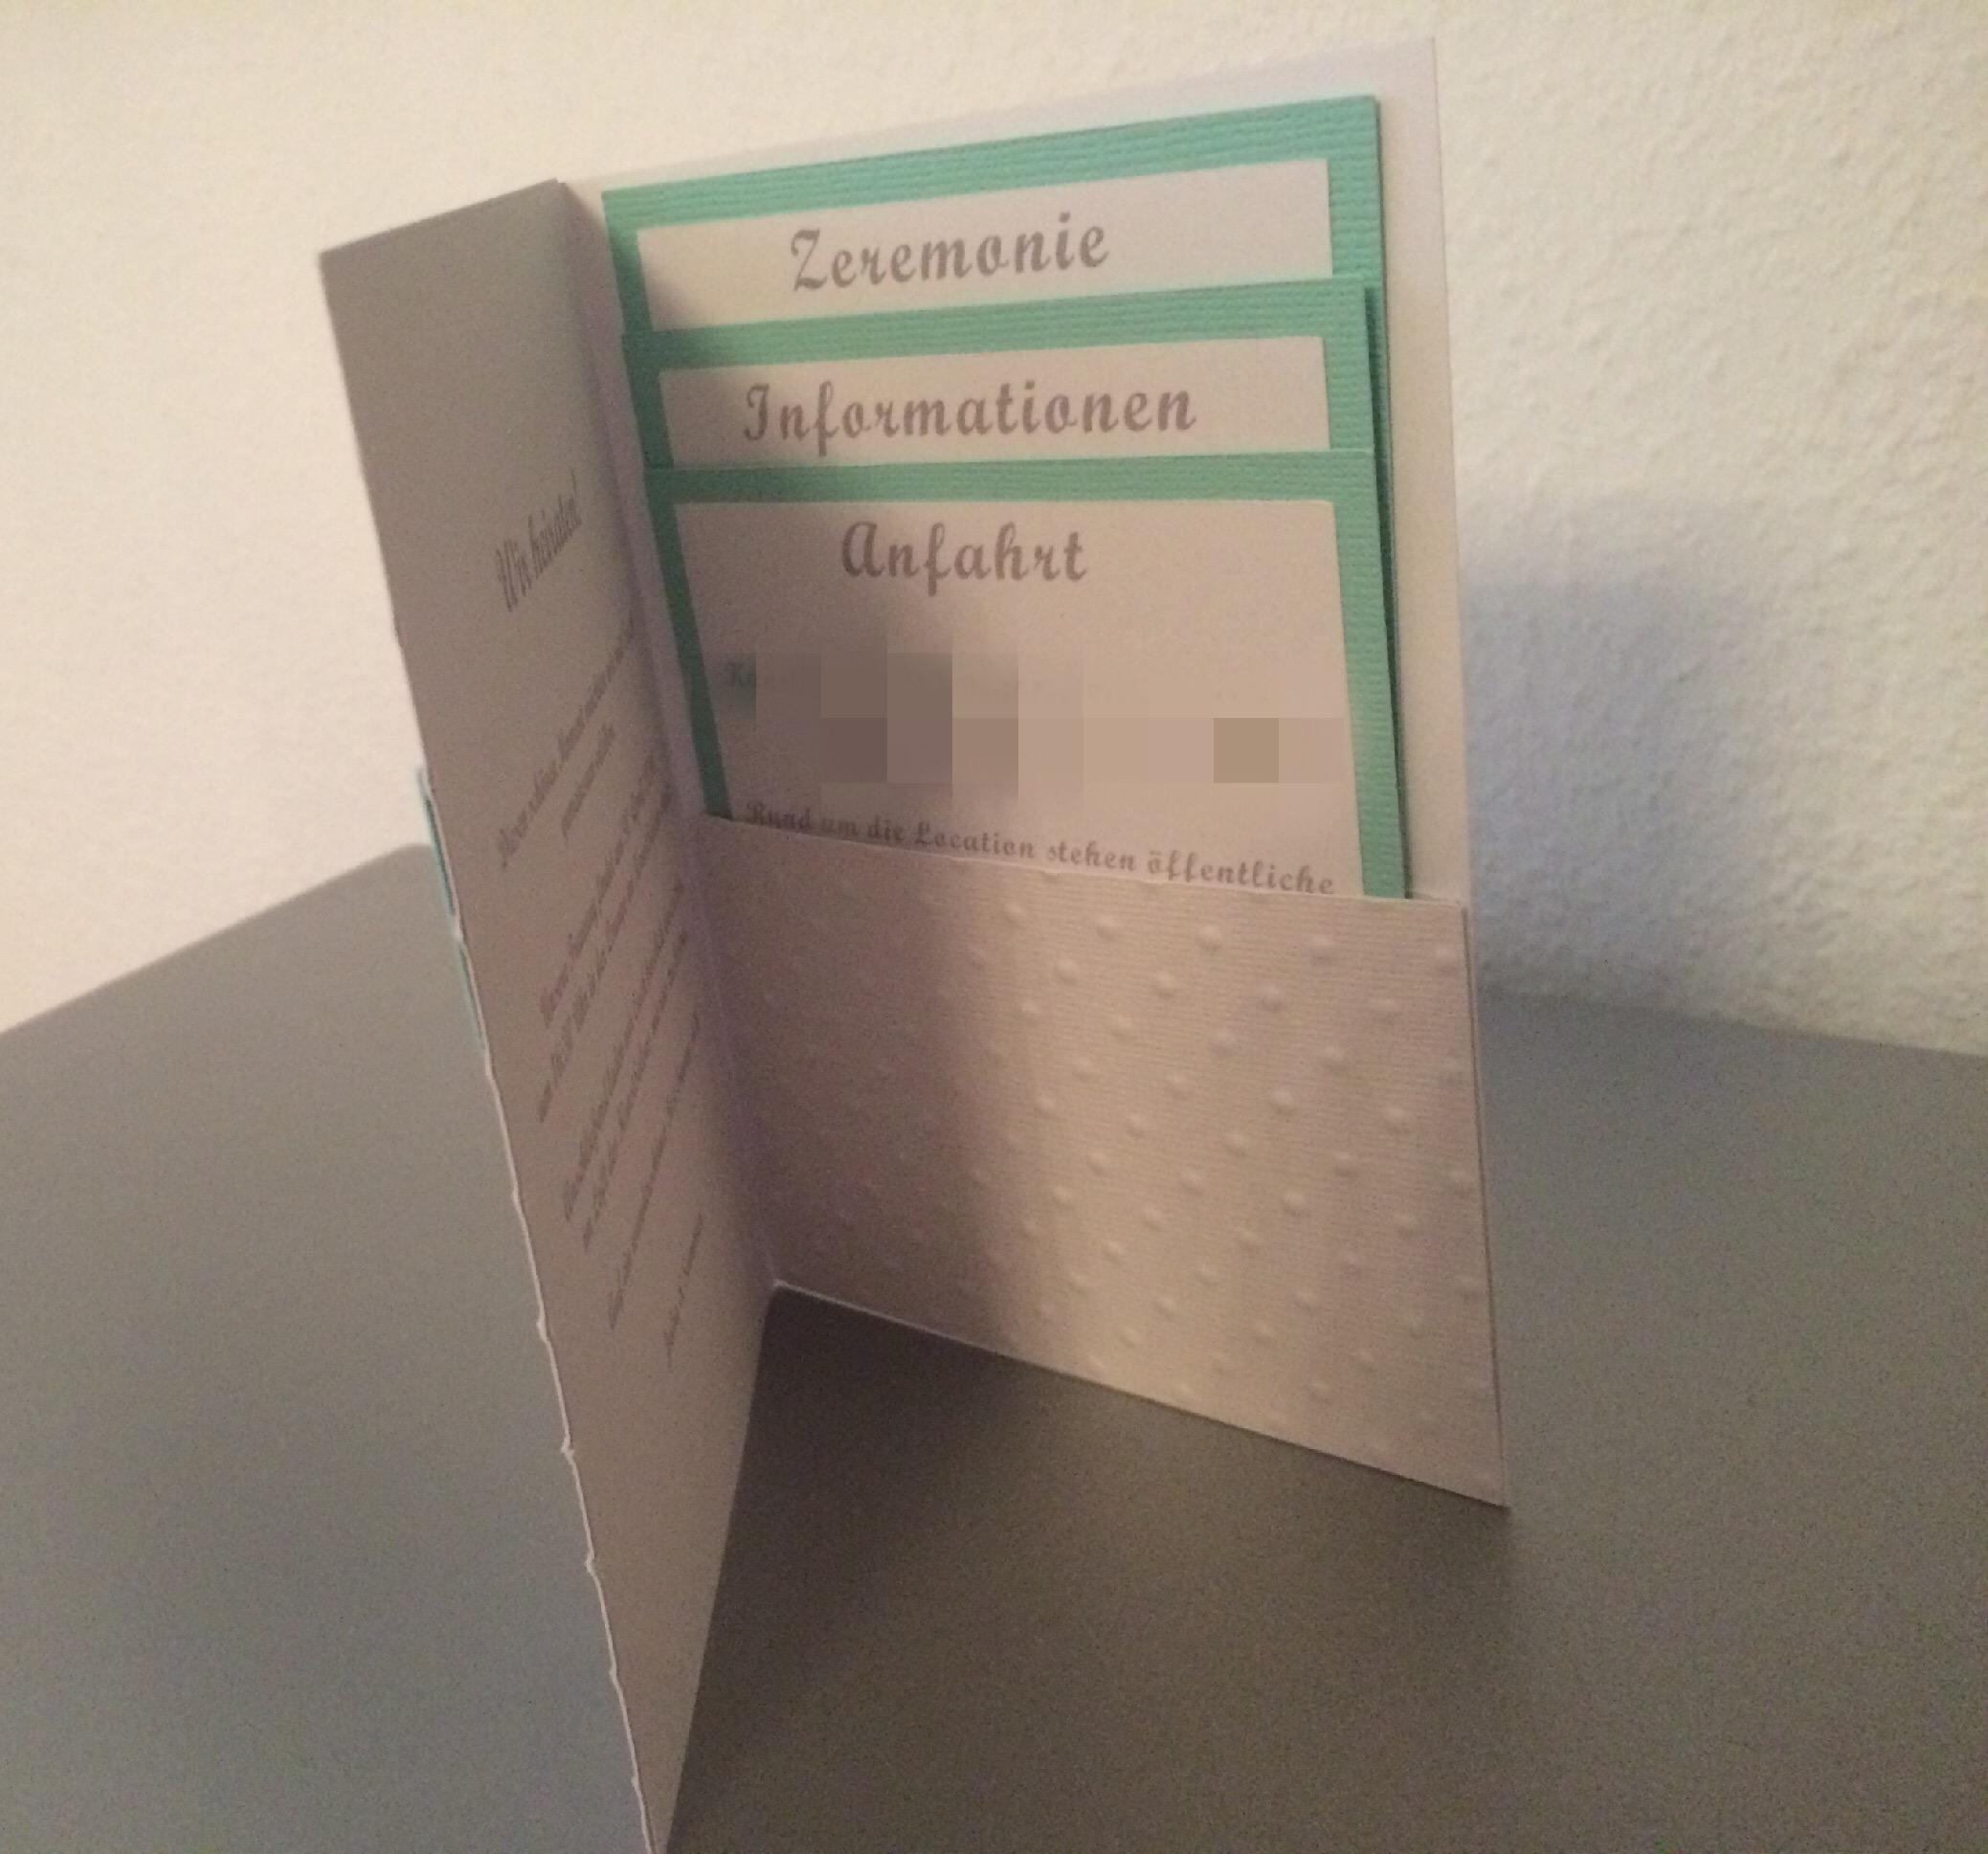 Schön Einladung Zur Hochzeit In Einer Wunderschönen Farbe Und Mit Pocketfolder ( Einsteckkarten) Für Alle Wichtigen Informationen.